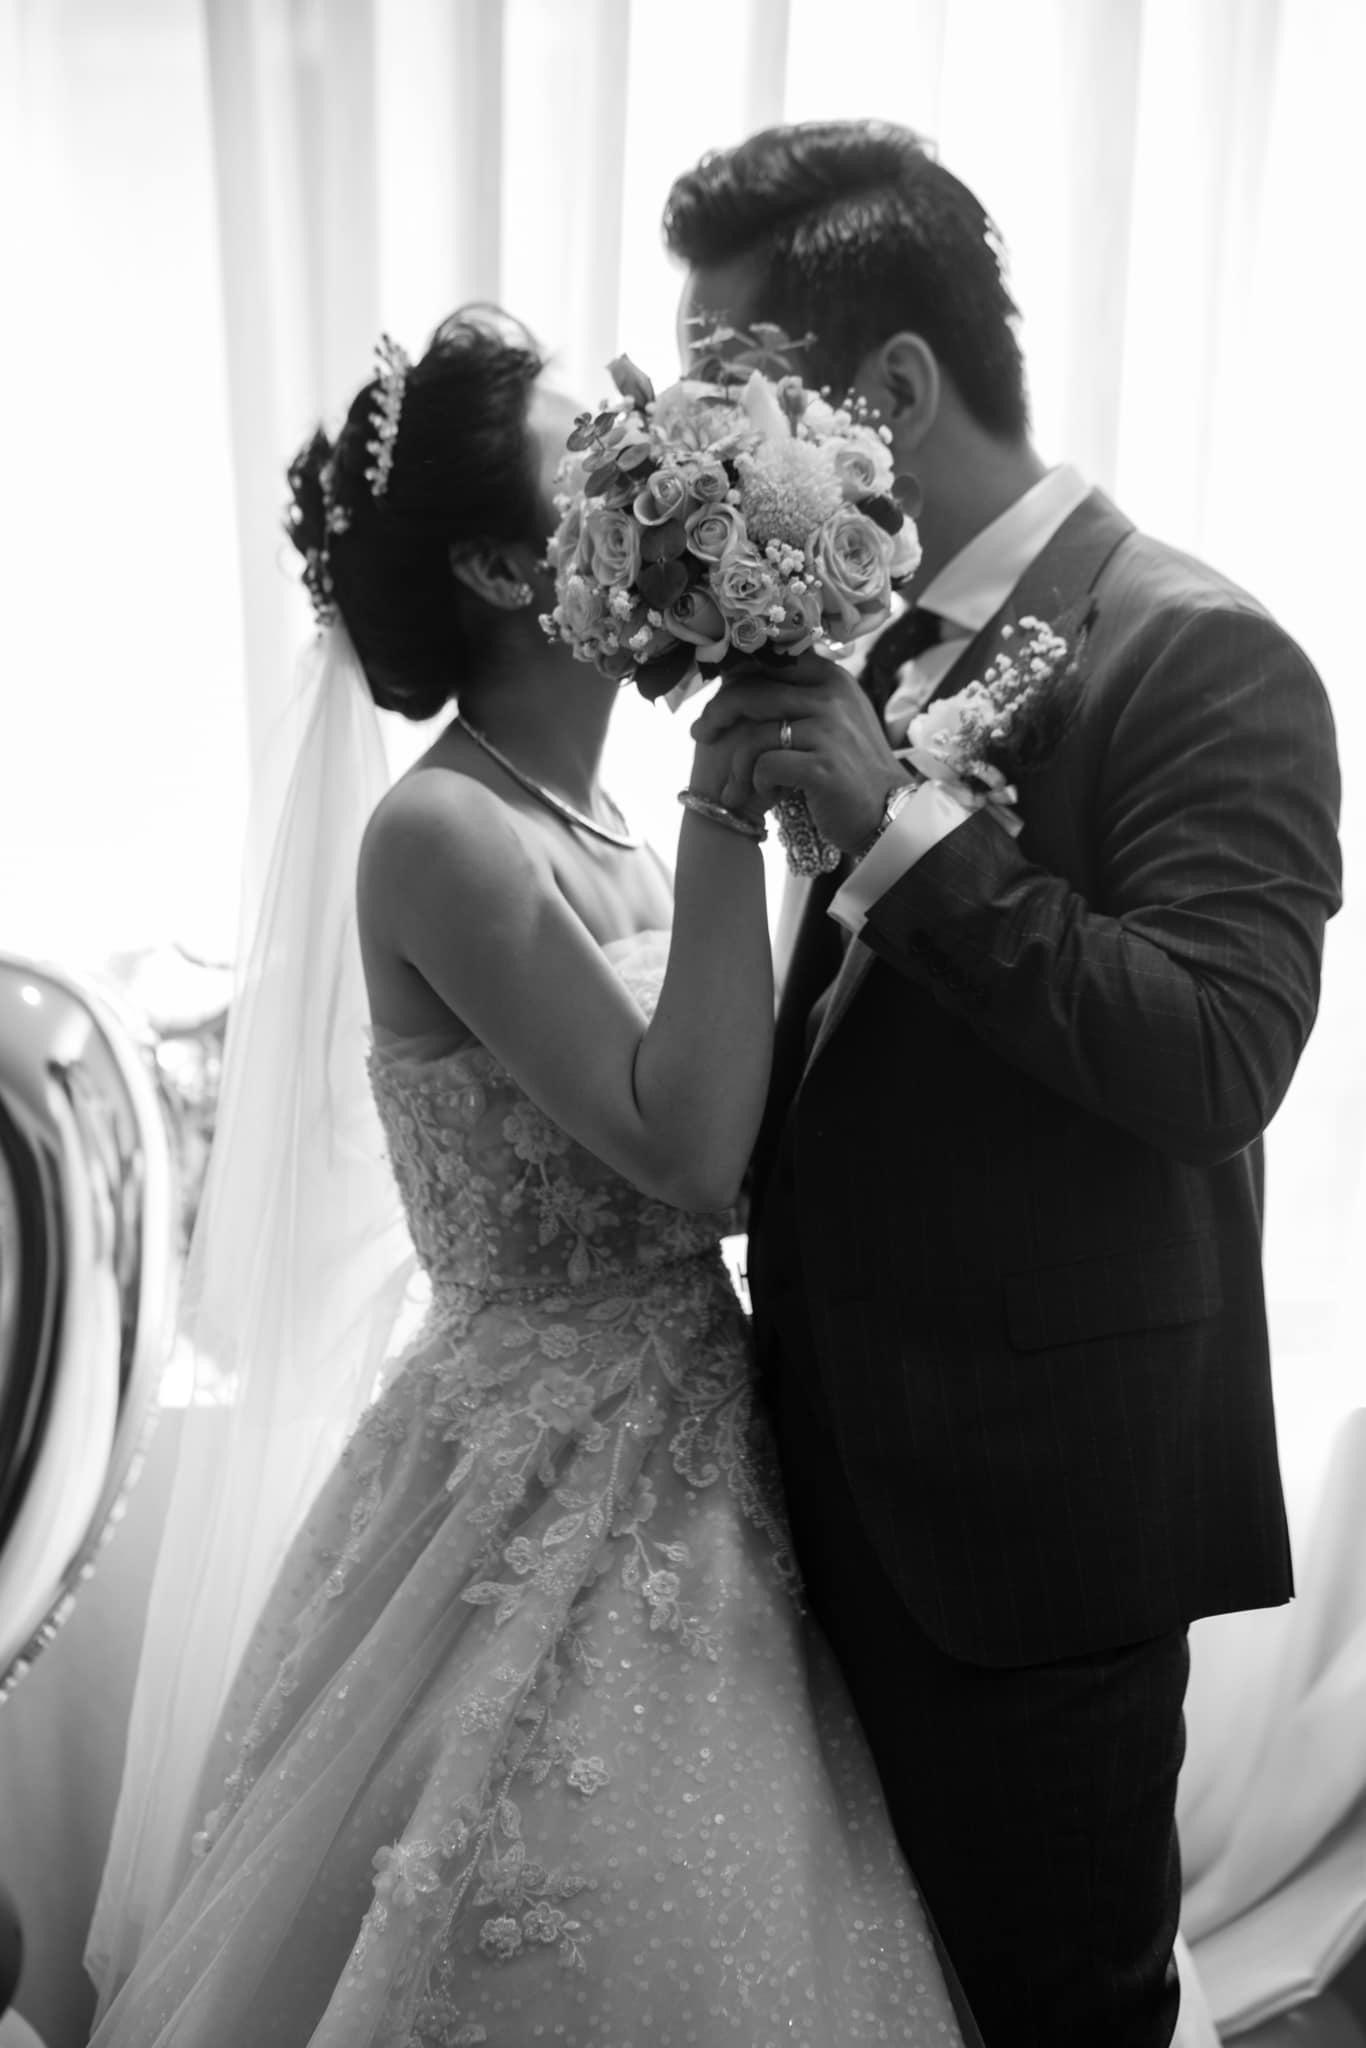 MC Hạnh Phúc chia sẻ sắp có con, tiết lộ lý do chưa thể tổ chức tiệc cưới - Ảnh 5.